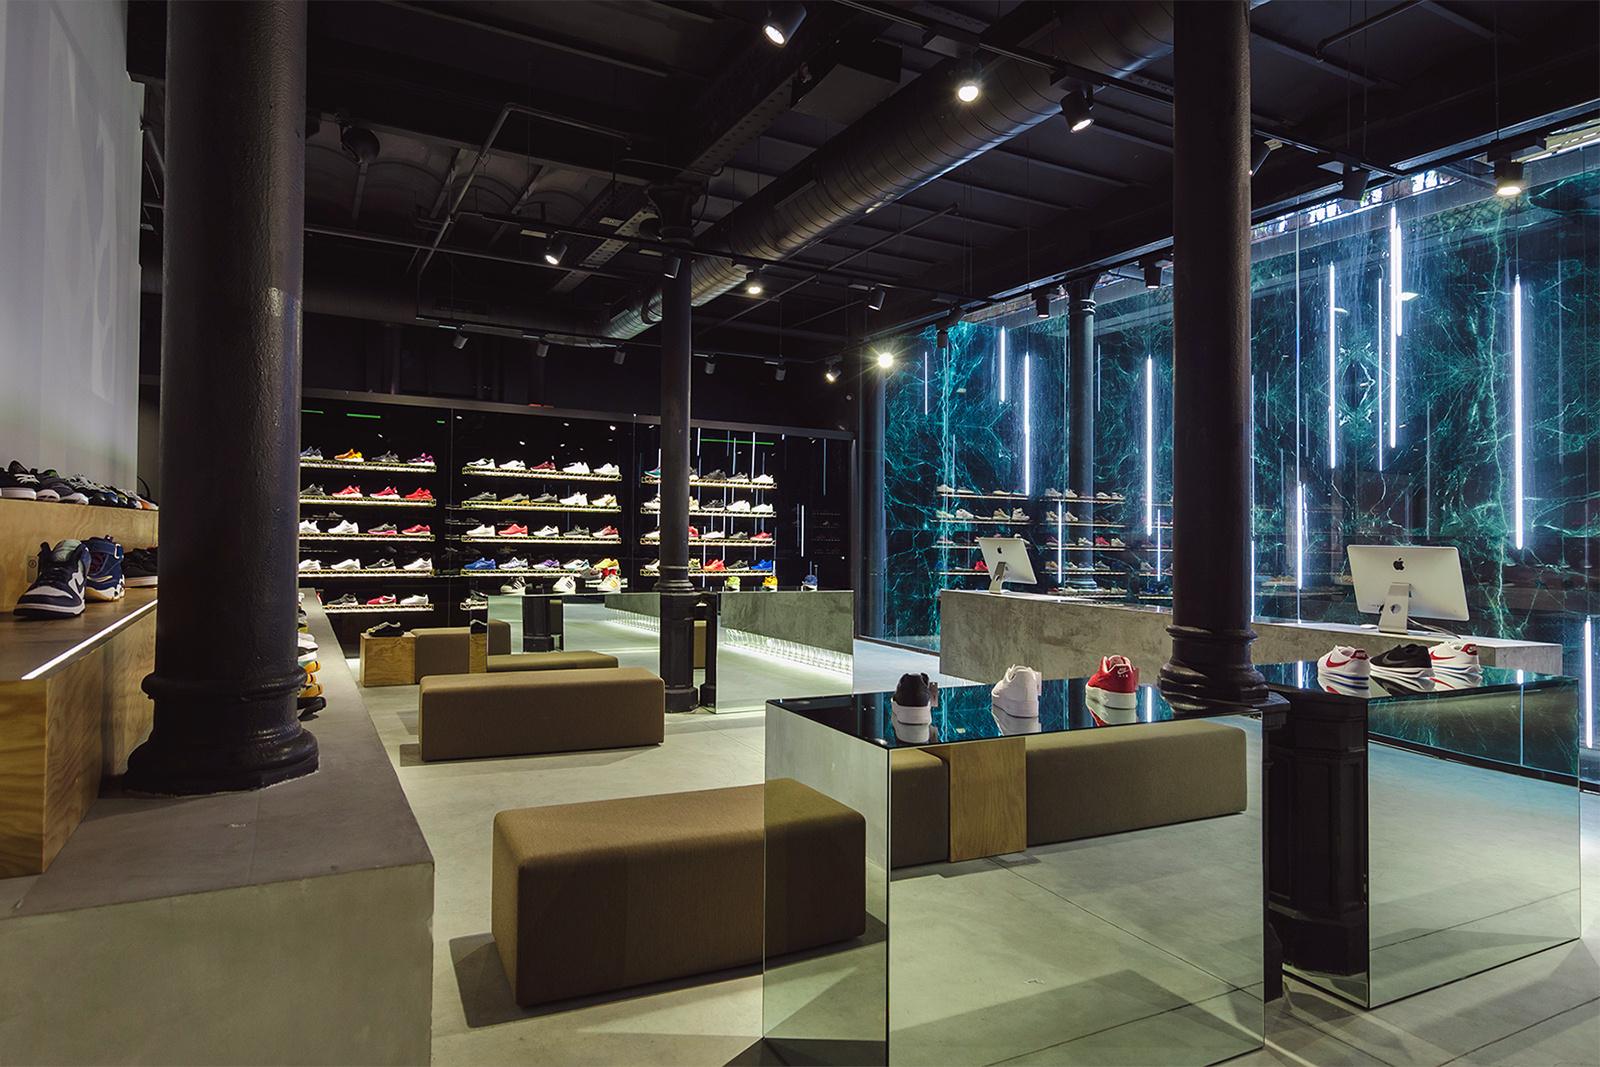 Sneakershops sneaker store man man sneakers schoenen sportschoenen top 10 5 sivasdescalzo